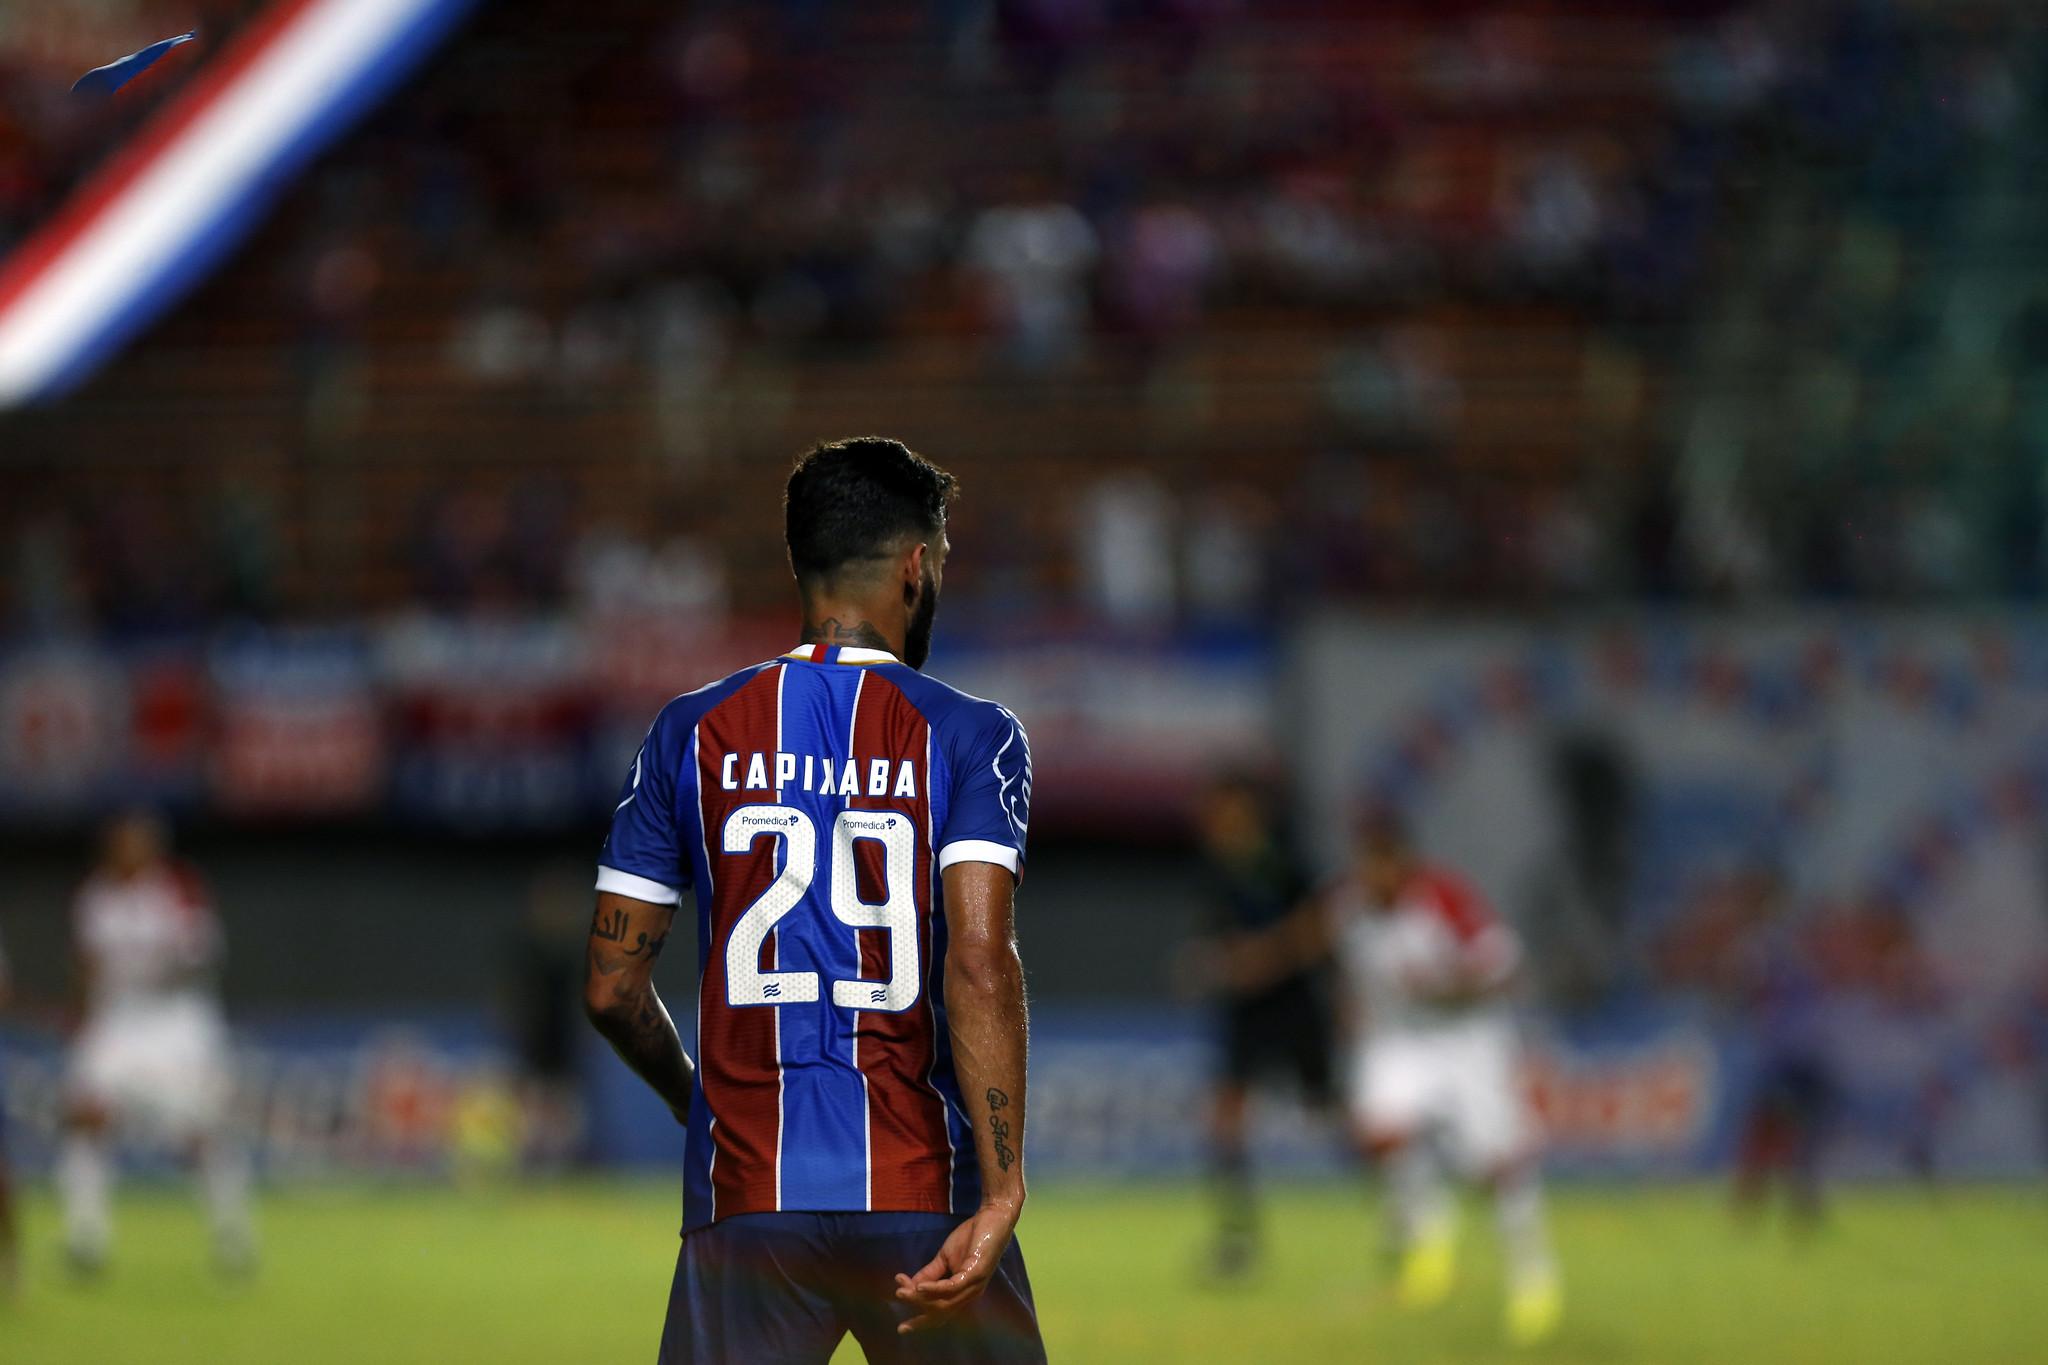 Juninho Capixaba deu sua primeira assistência no ano contra o Imperatriz, servindo Gilberto para o primeiro gol do Bahia no ano